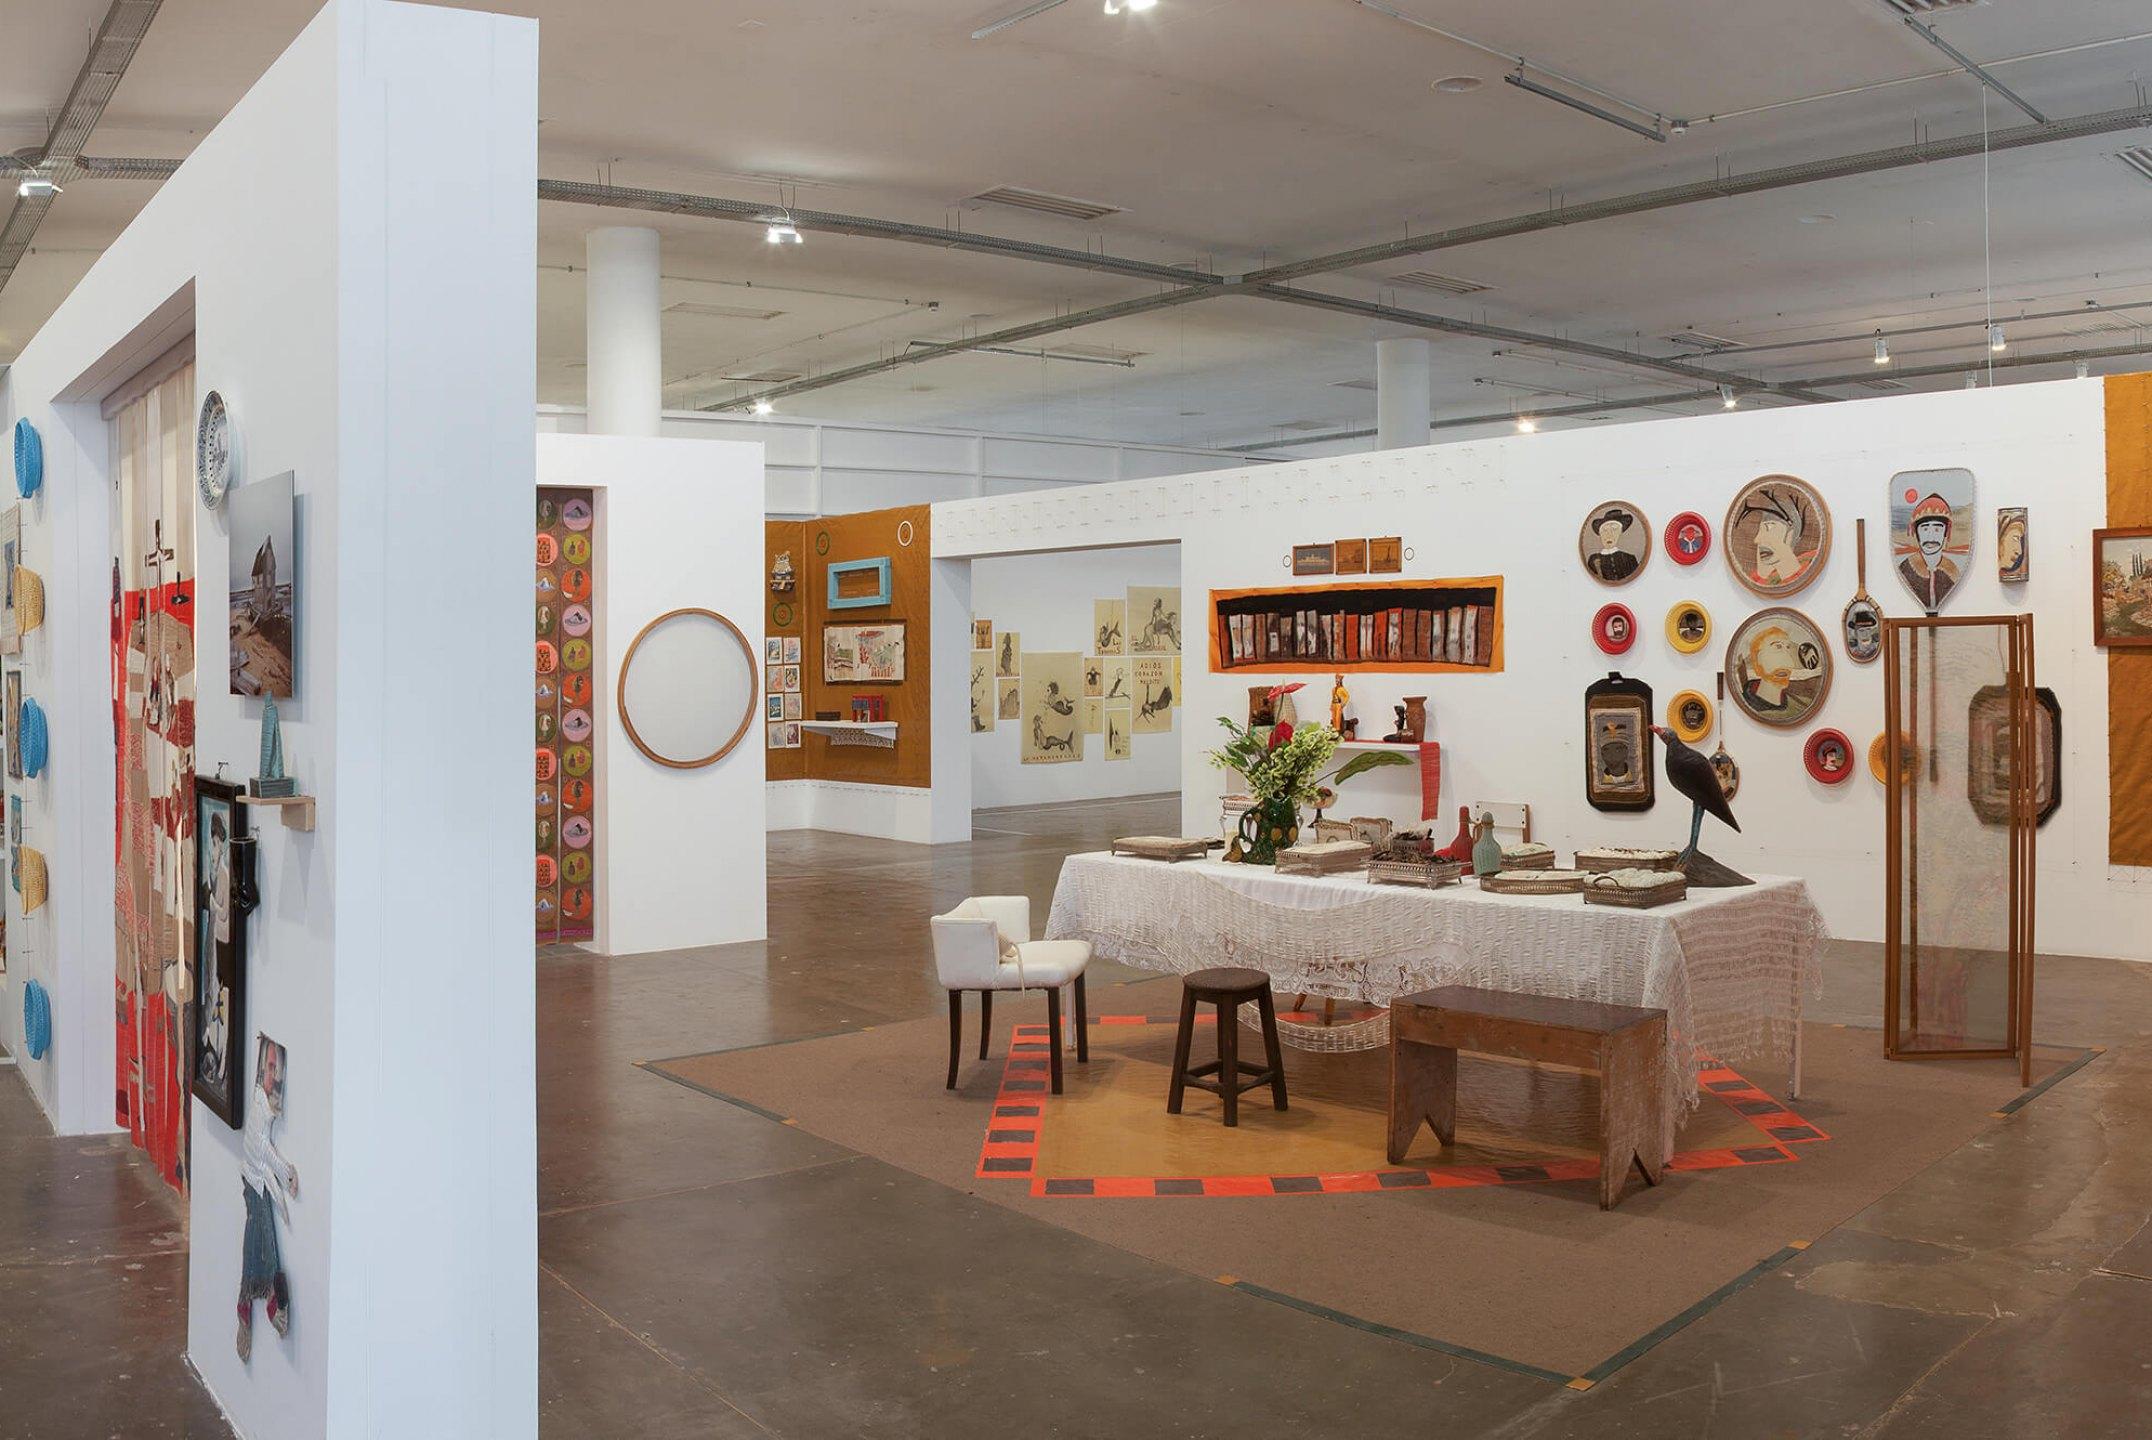 f.marquespenteado,<em>The Iminence of Poetics</em>,30th Bienal de São Paulo, Sao Paulo, 2012 - Mendes Wood DM